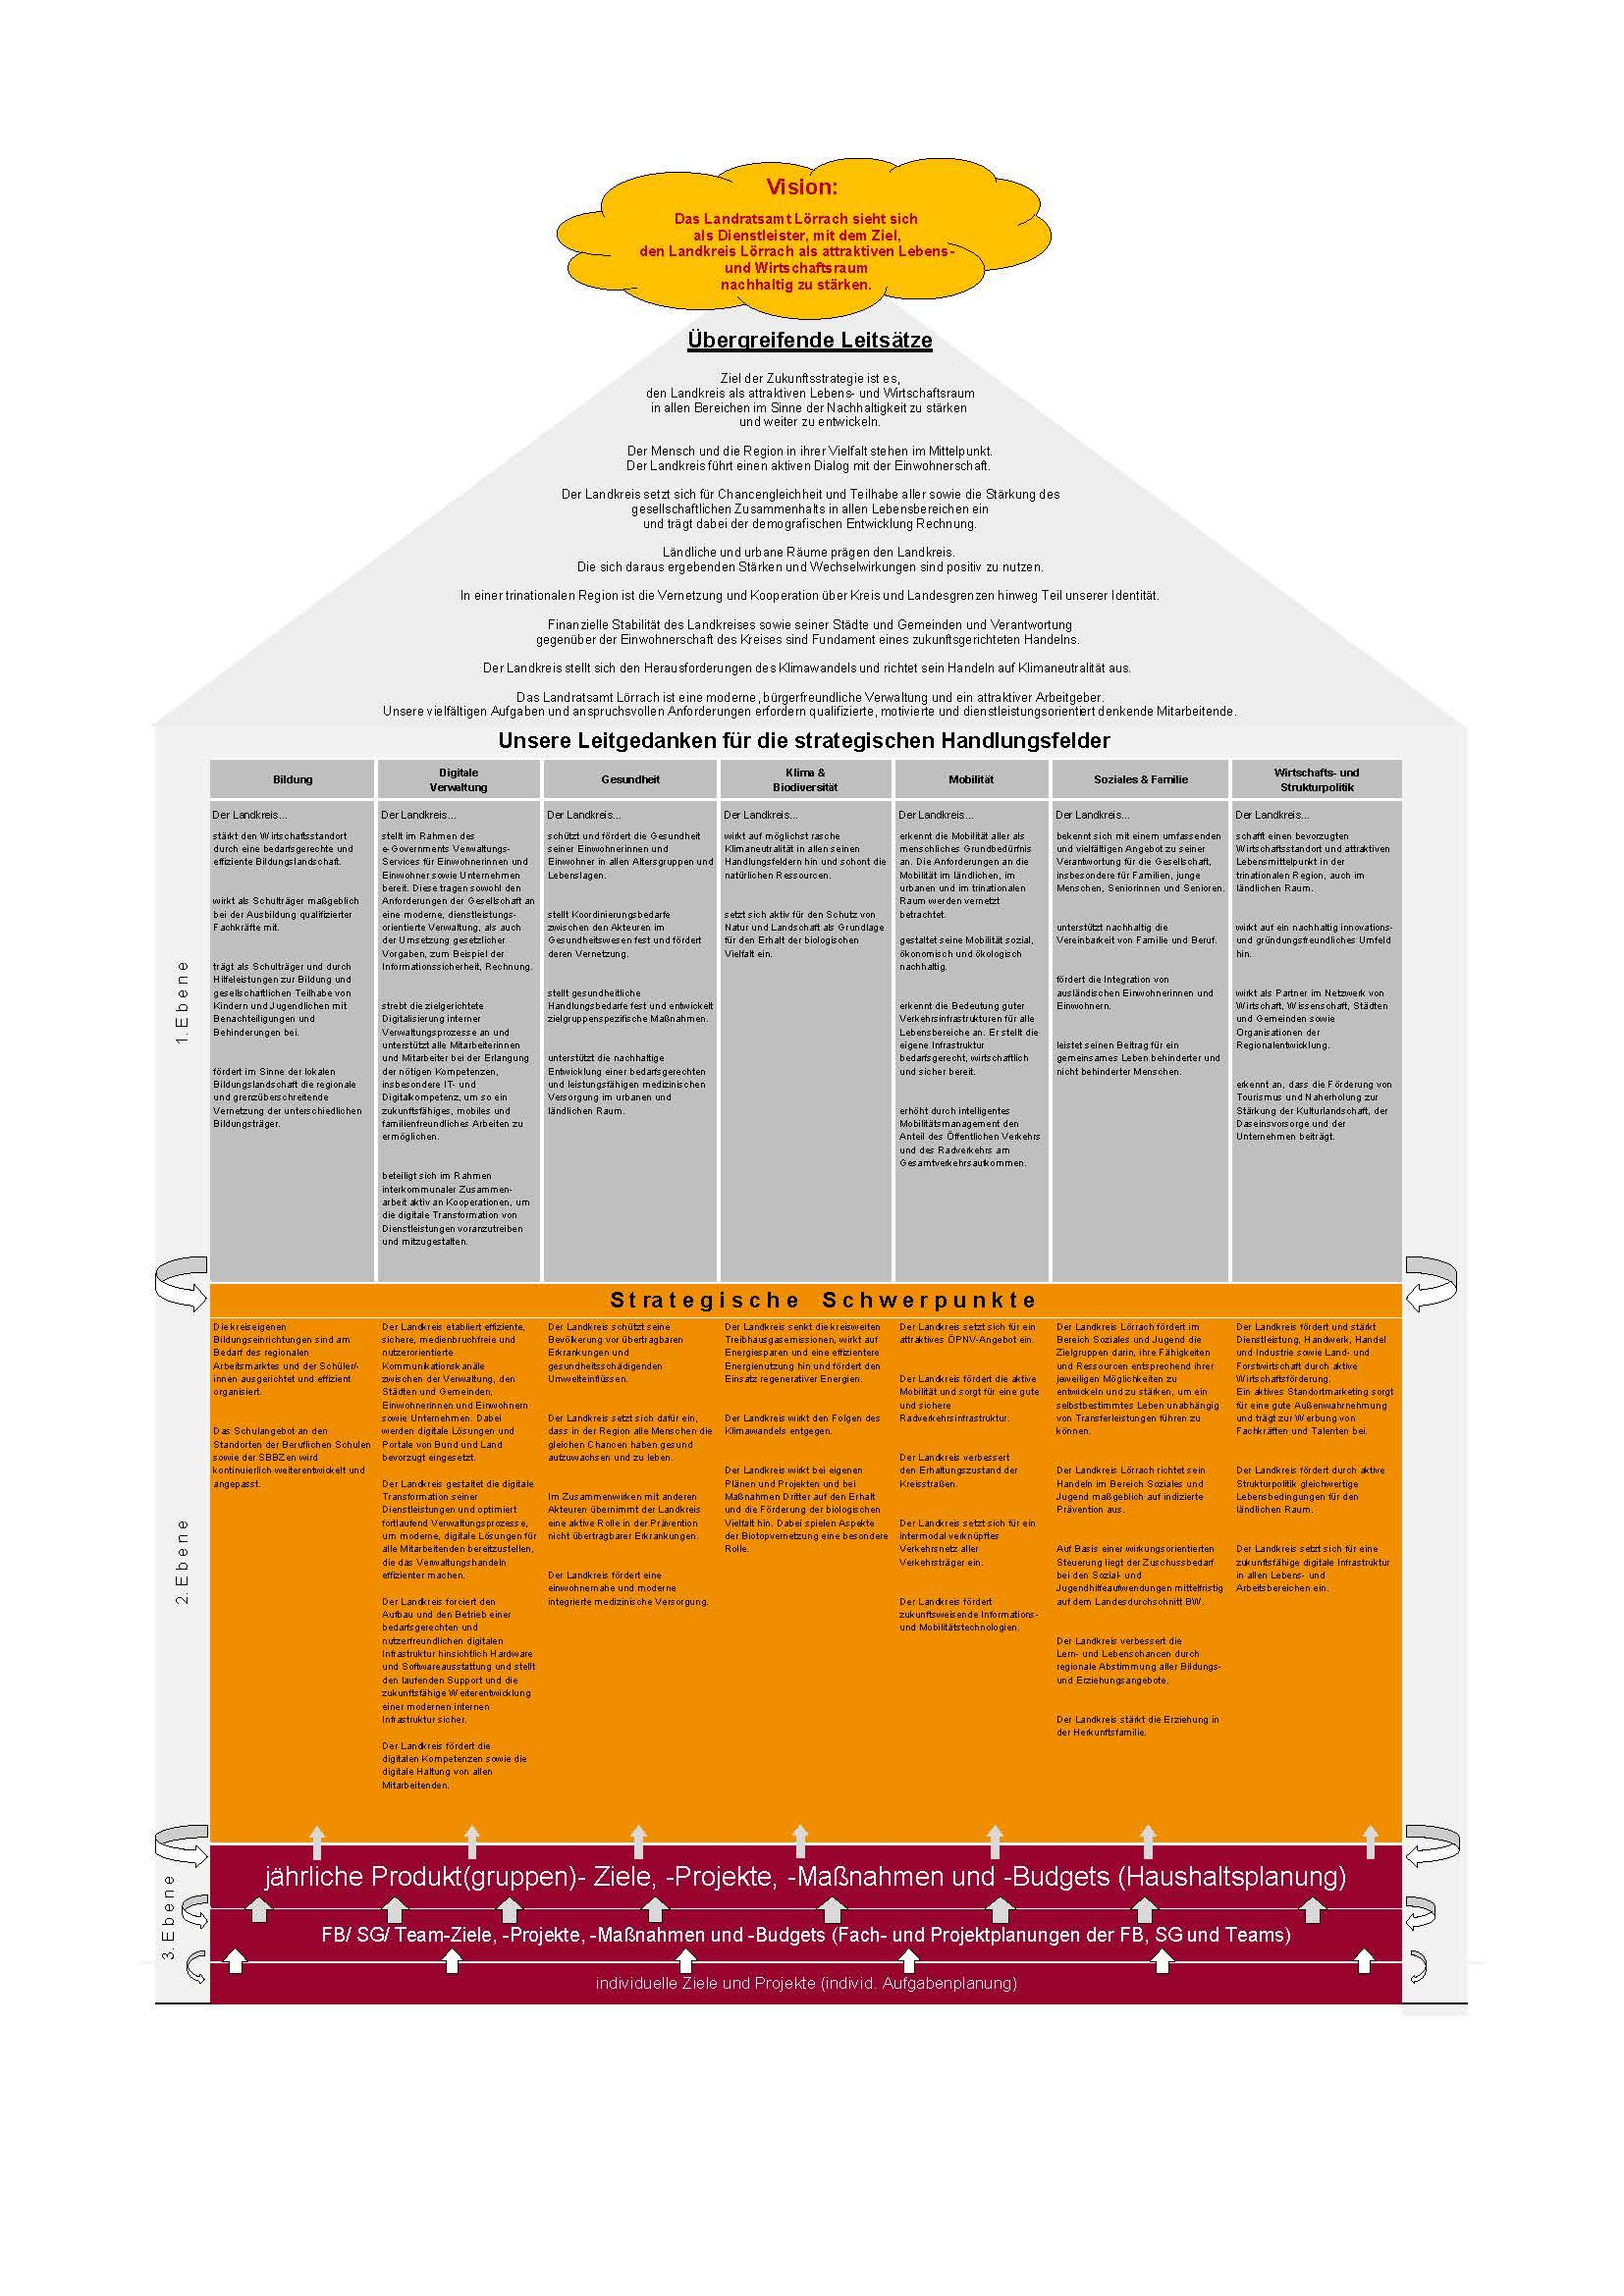 Link zum PDF: Zukunftsstrategie 2015 (Schaubild)